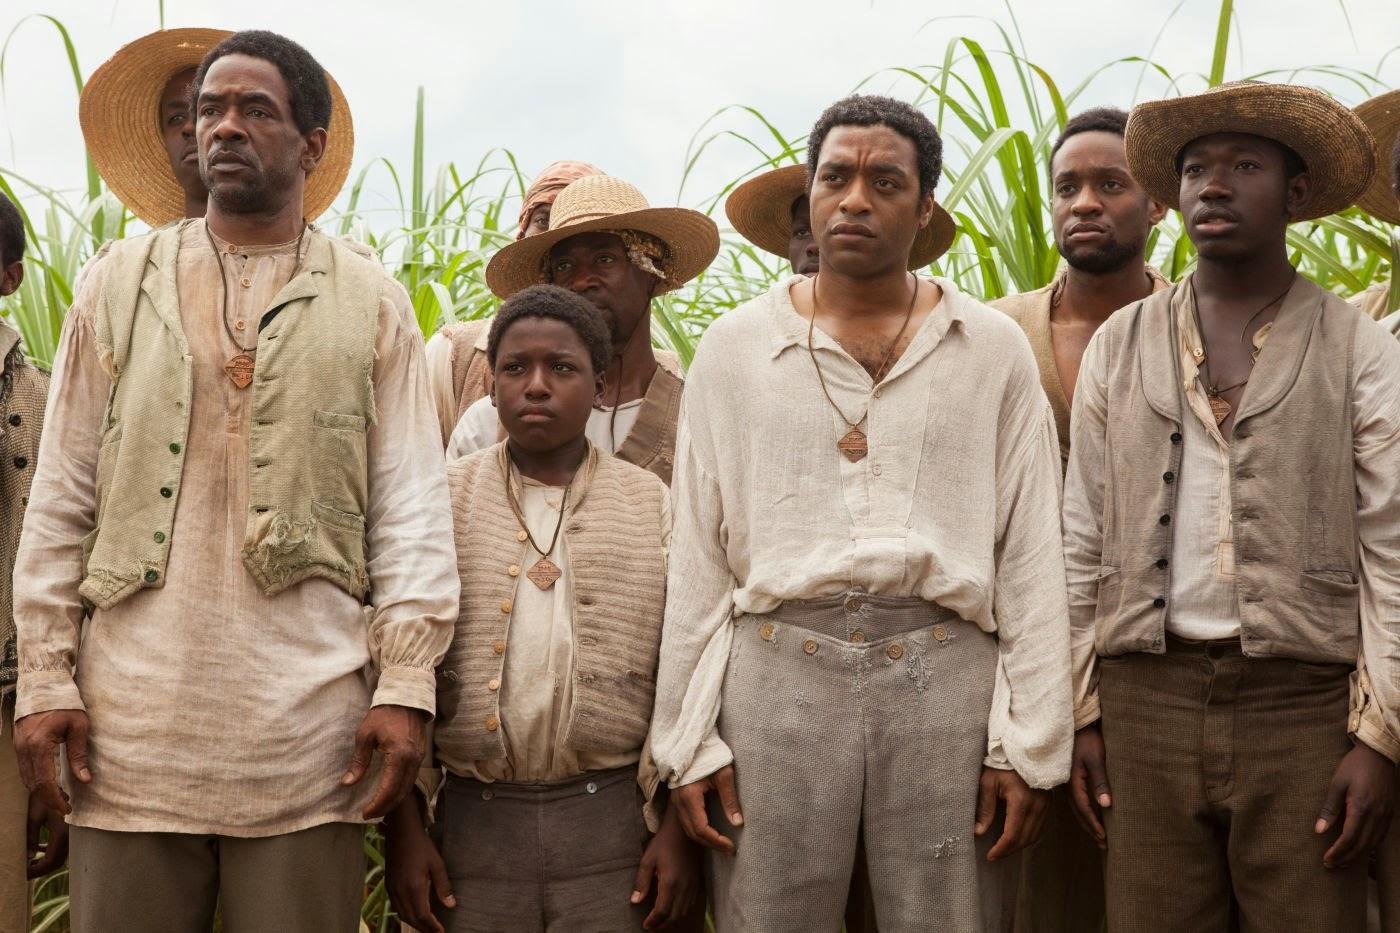 CINEMA Oscar 2014: Gravity sette, 12 years a slave il miglior film